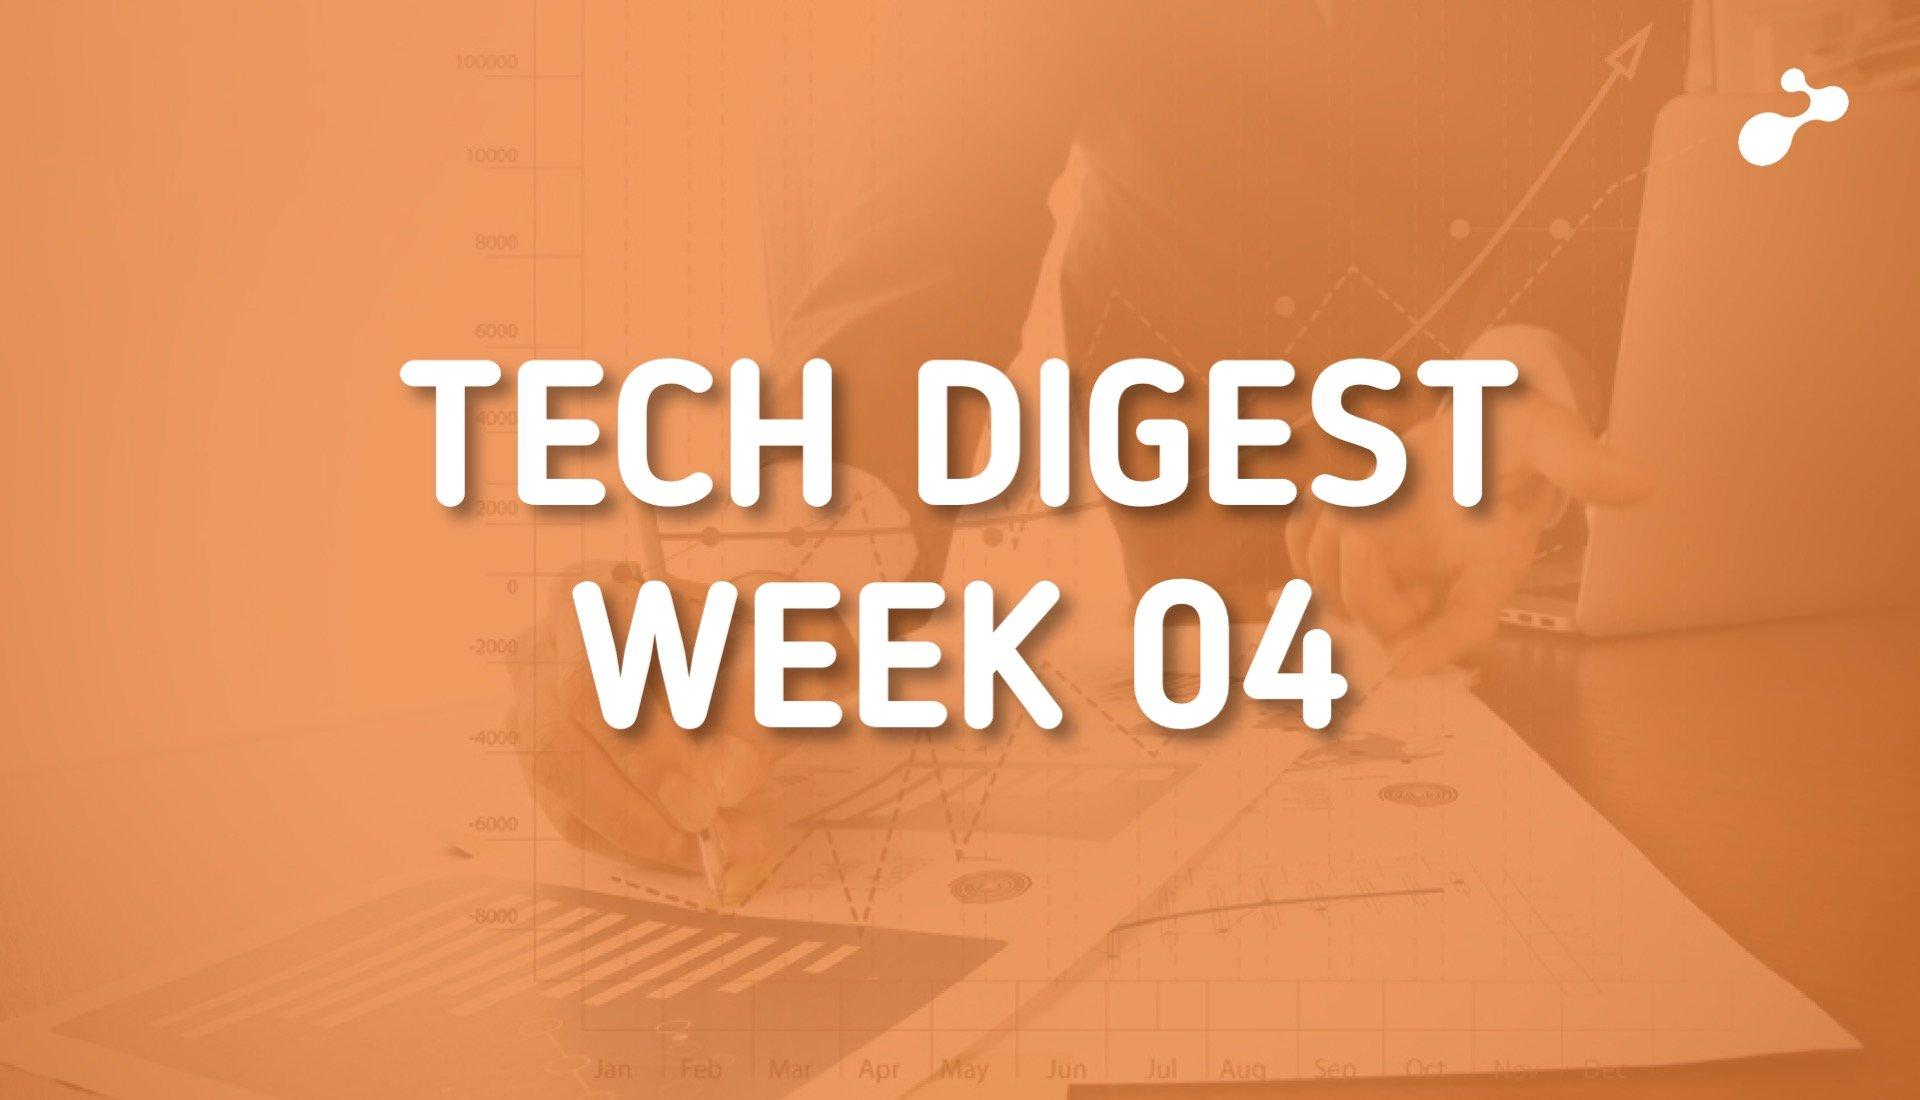 tech digest 2019 - week 04